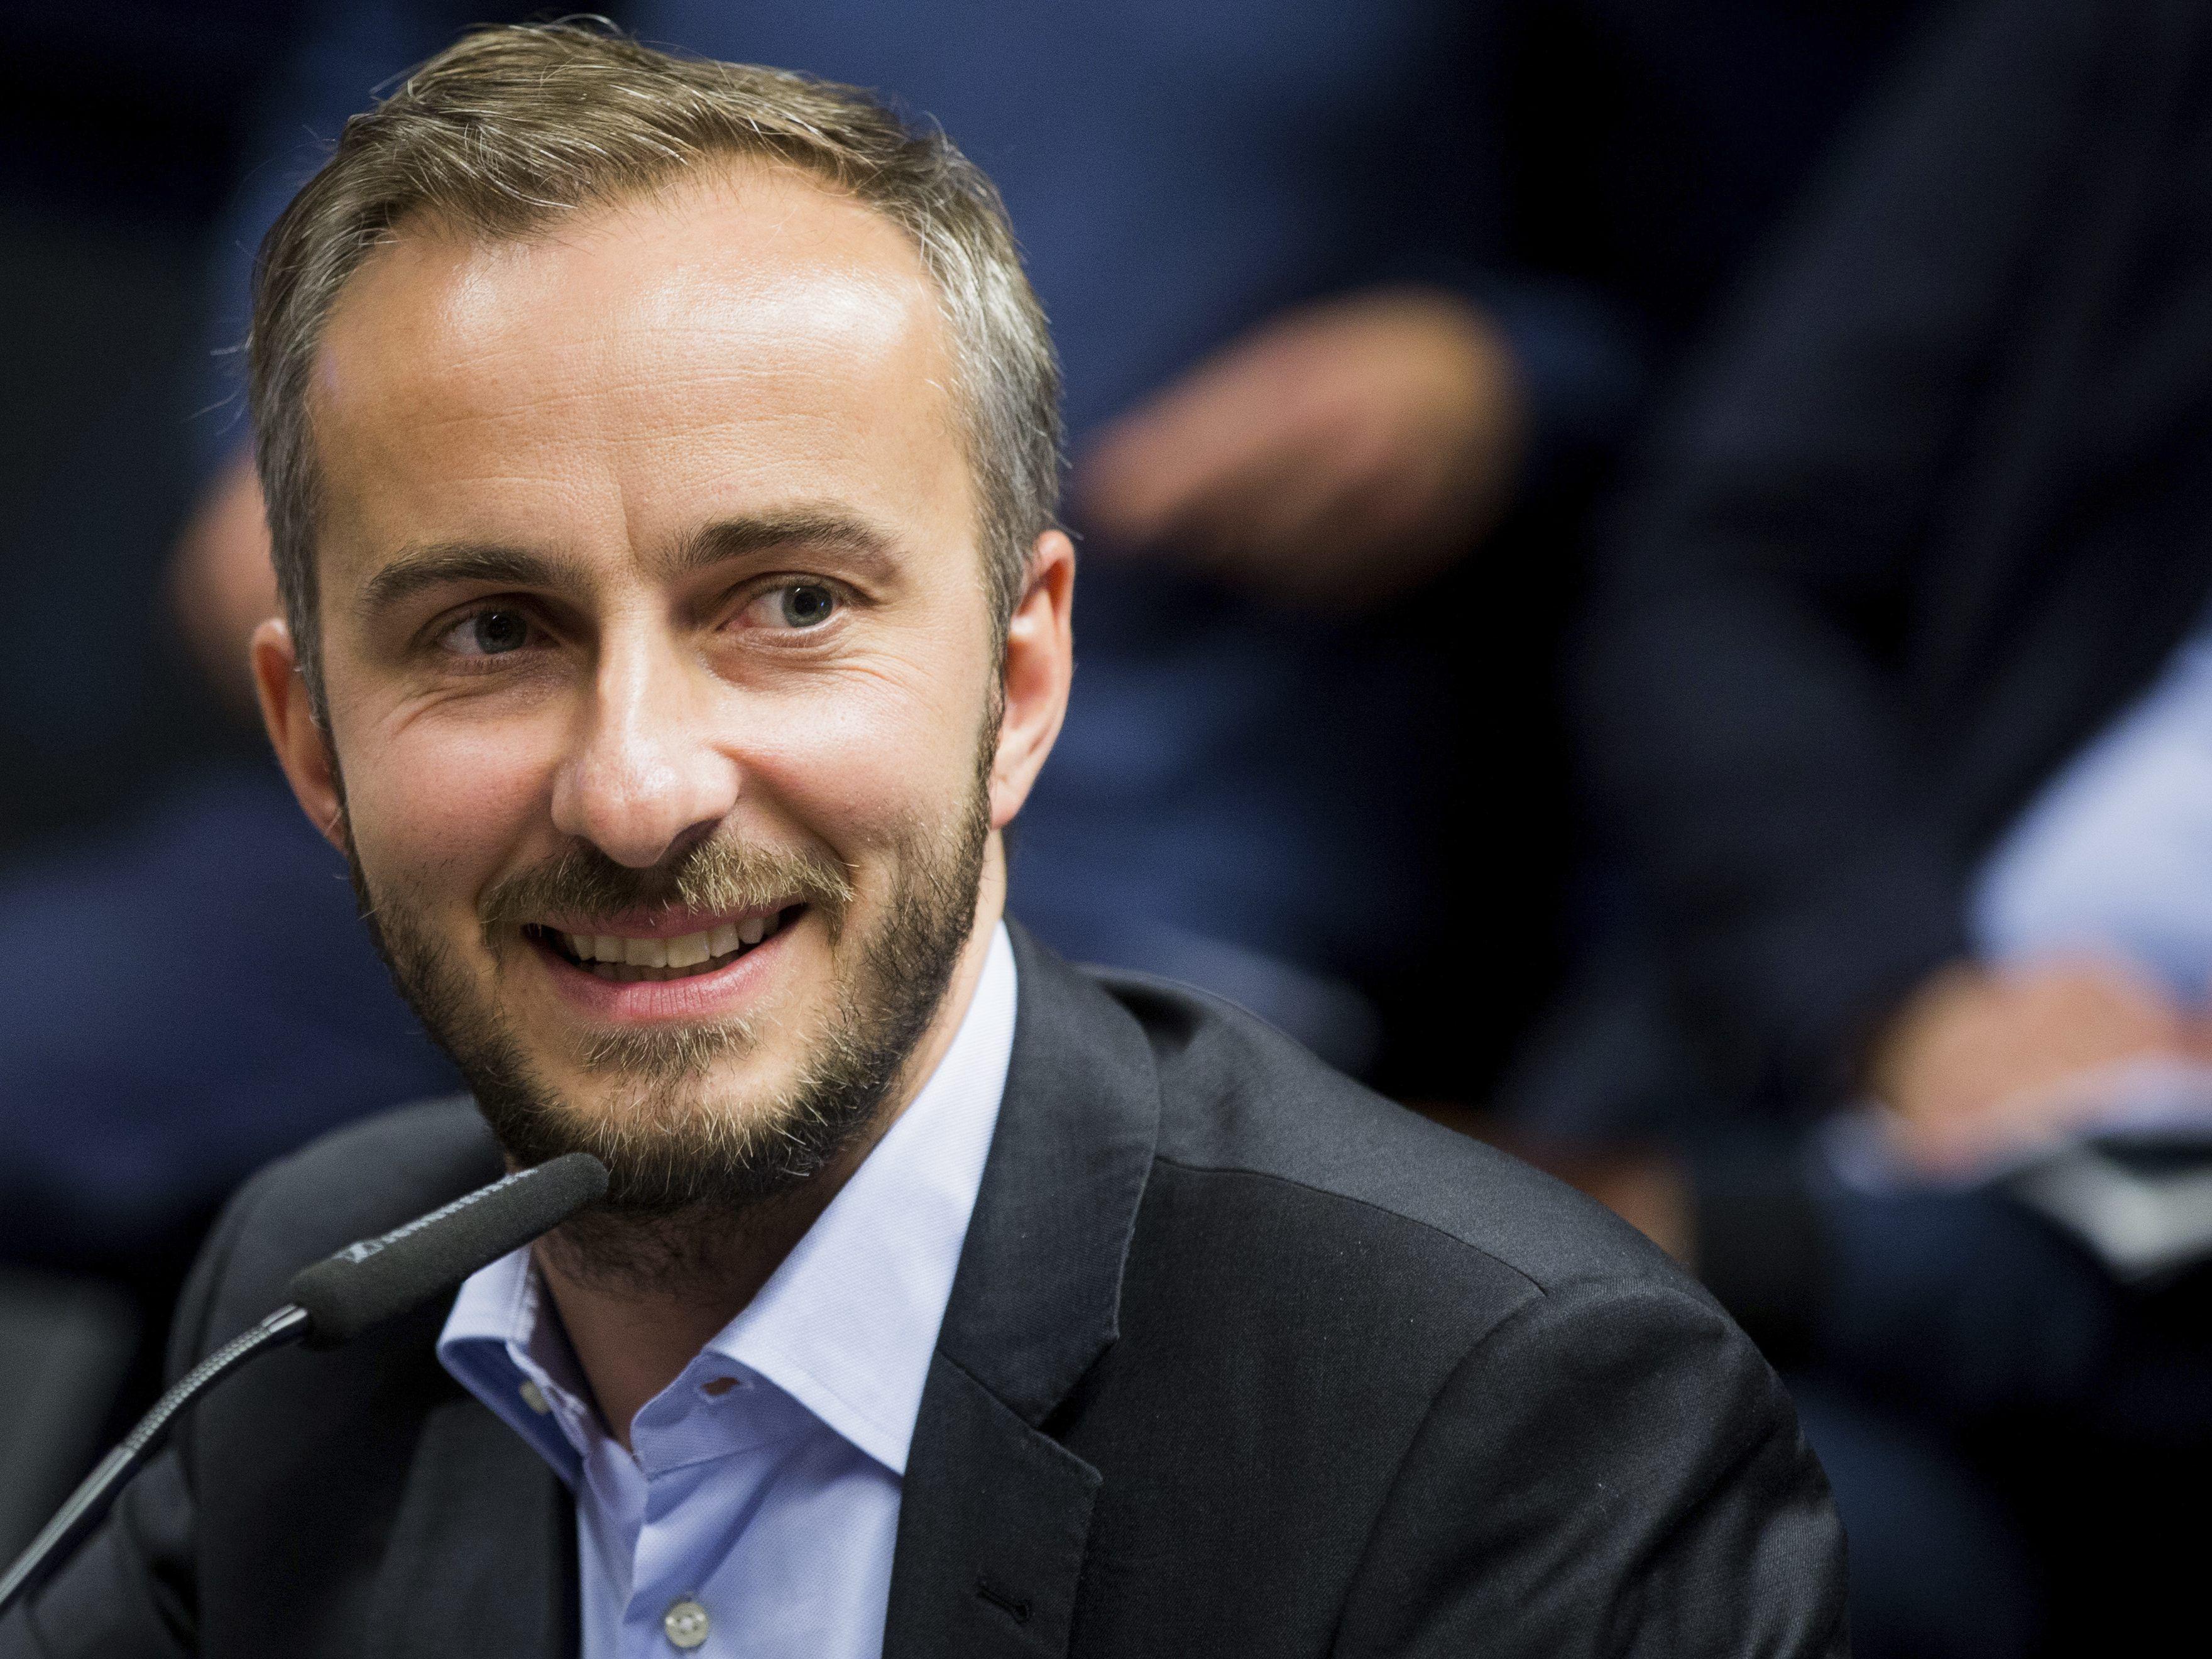 Nach Ibiza-Videos: Österreich soll im September neues Parlament wählen